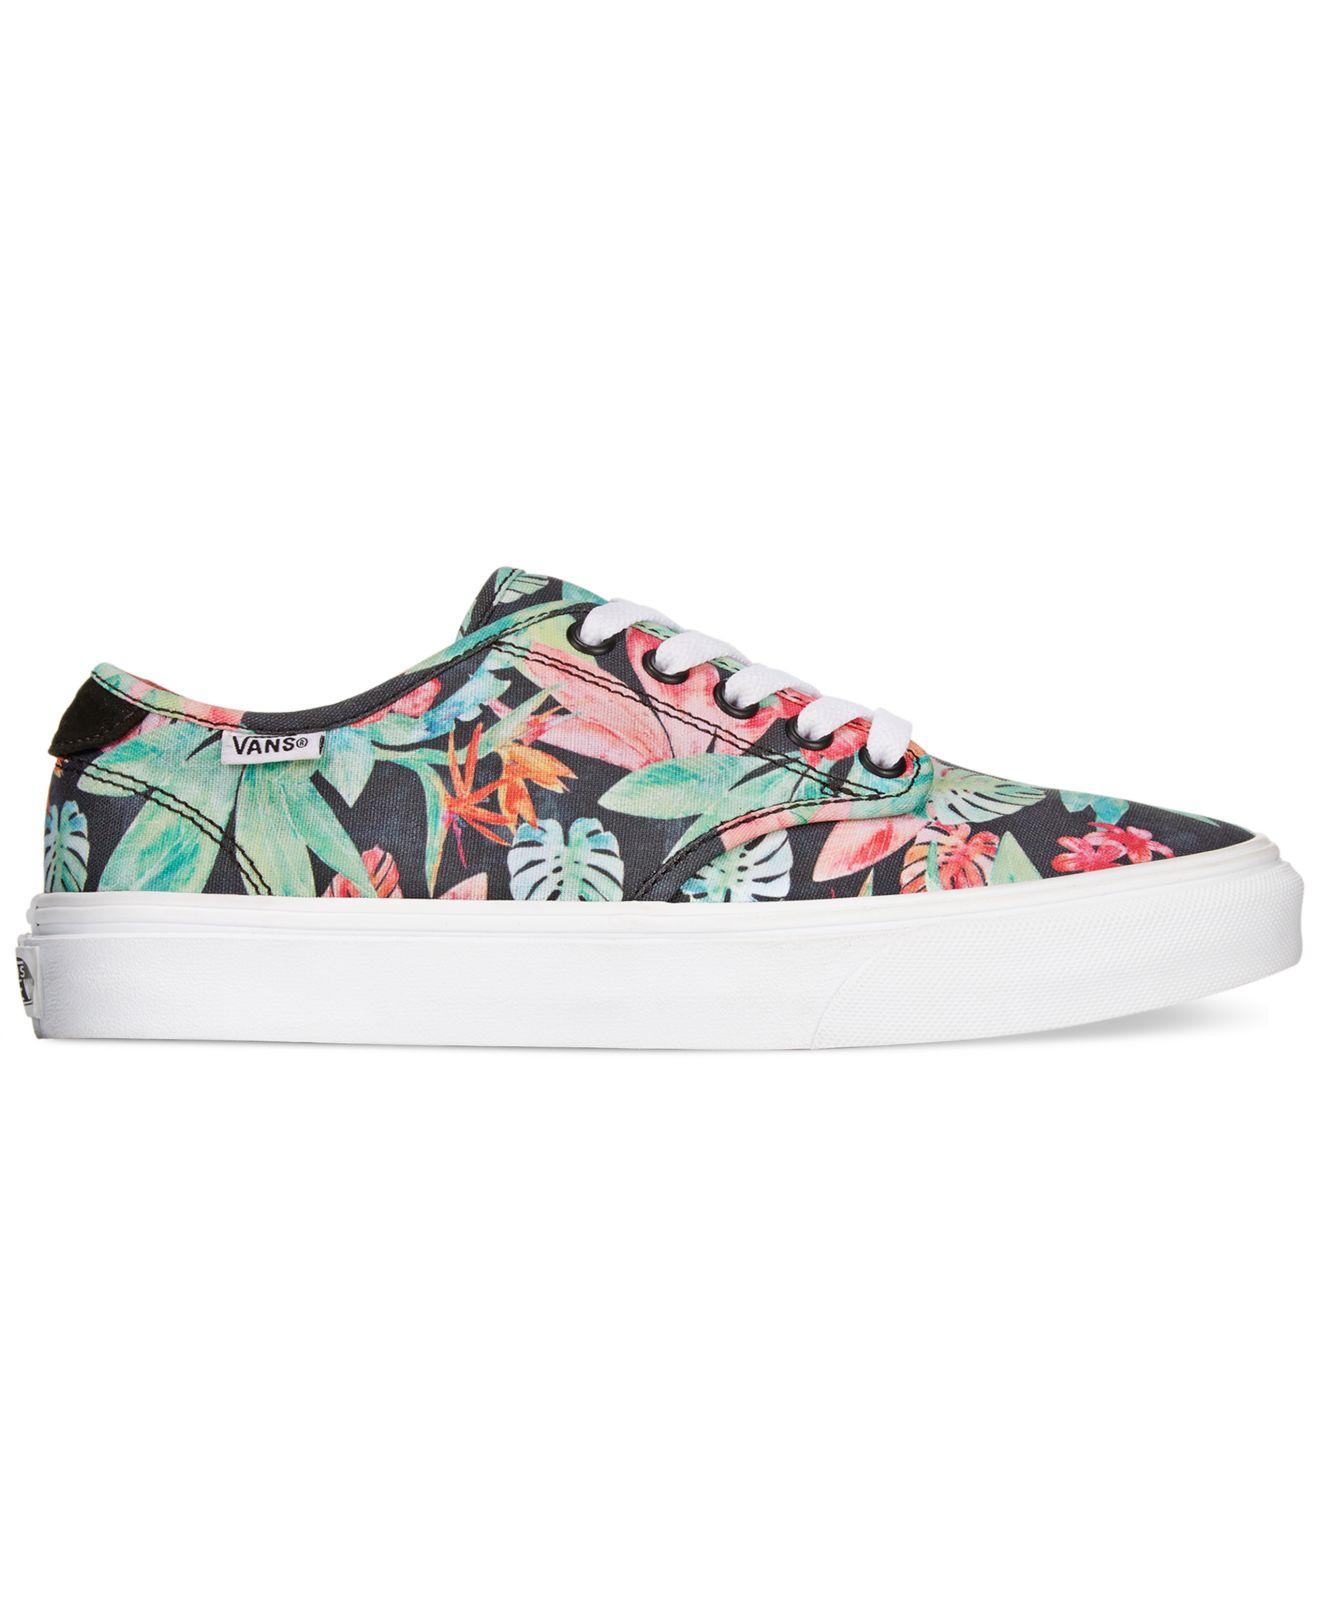 vans floral shoes women